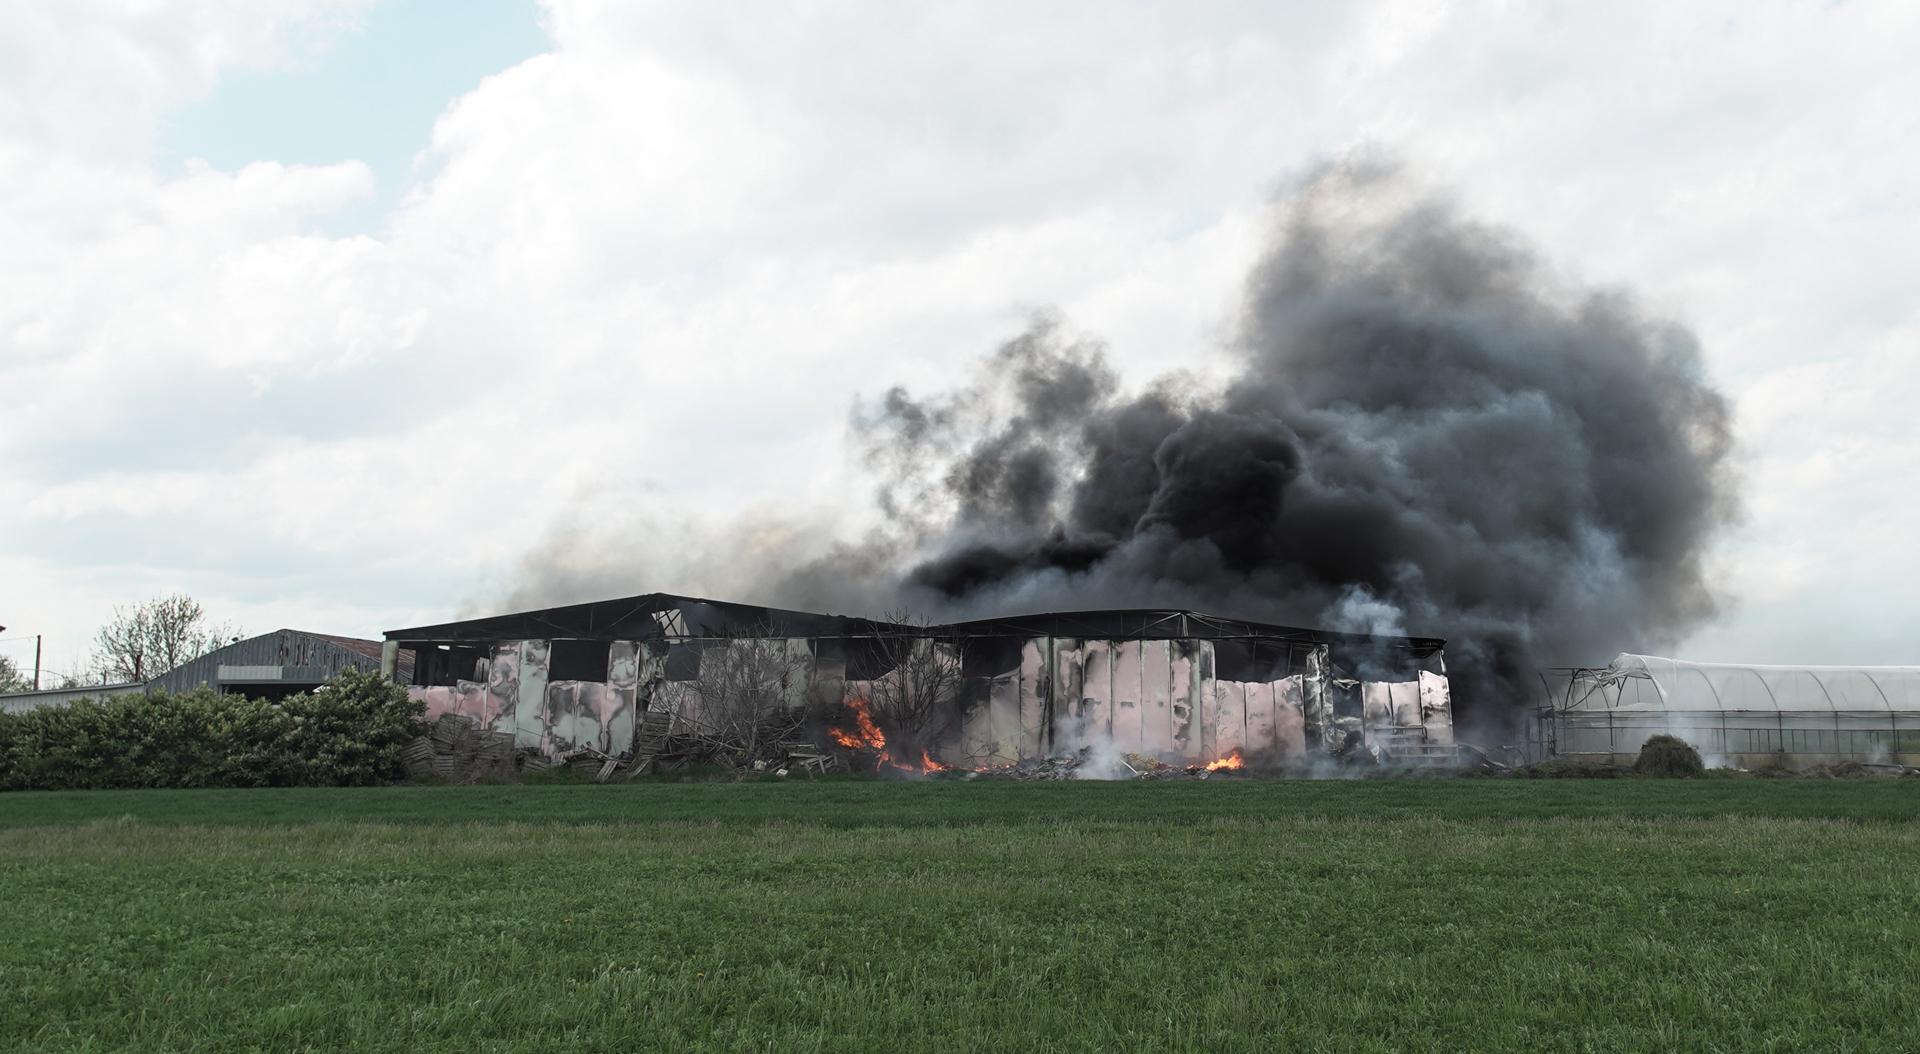 Incendio a Cannucceto. IL VIDEO